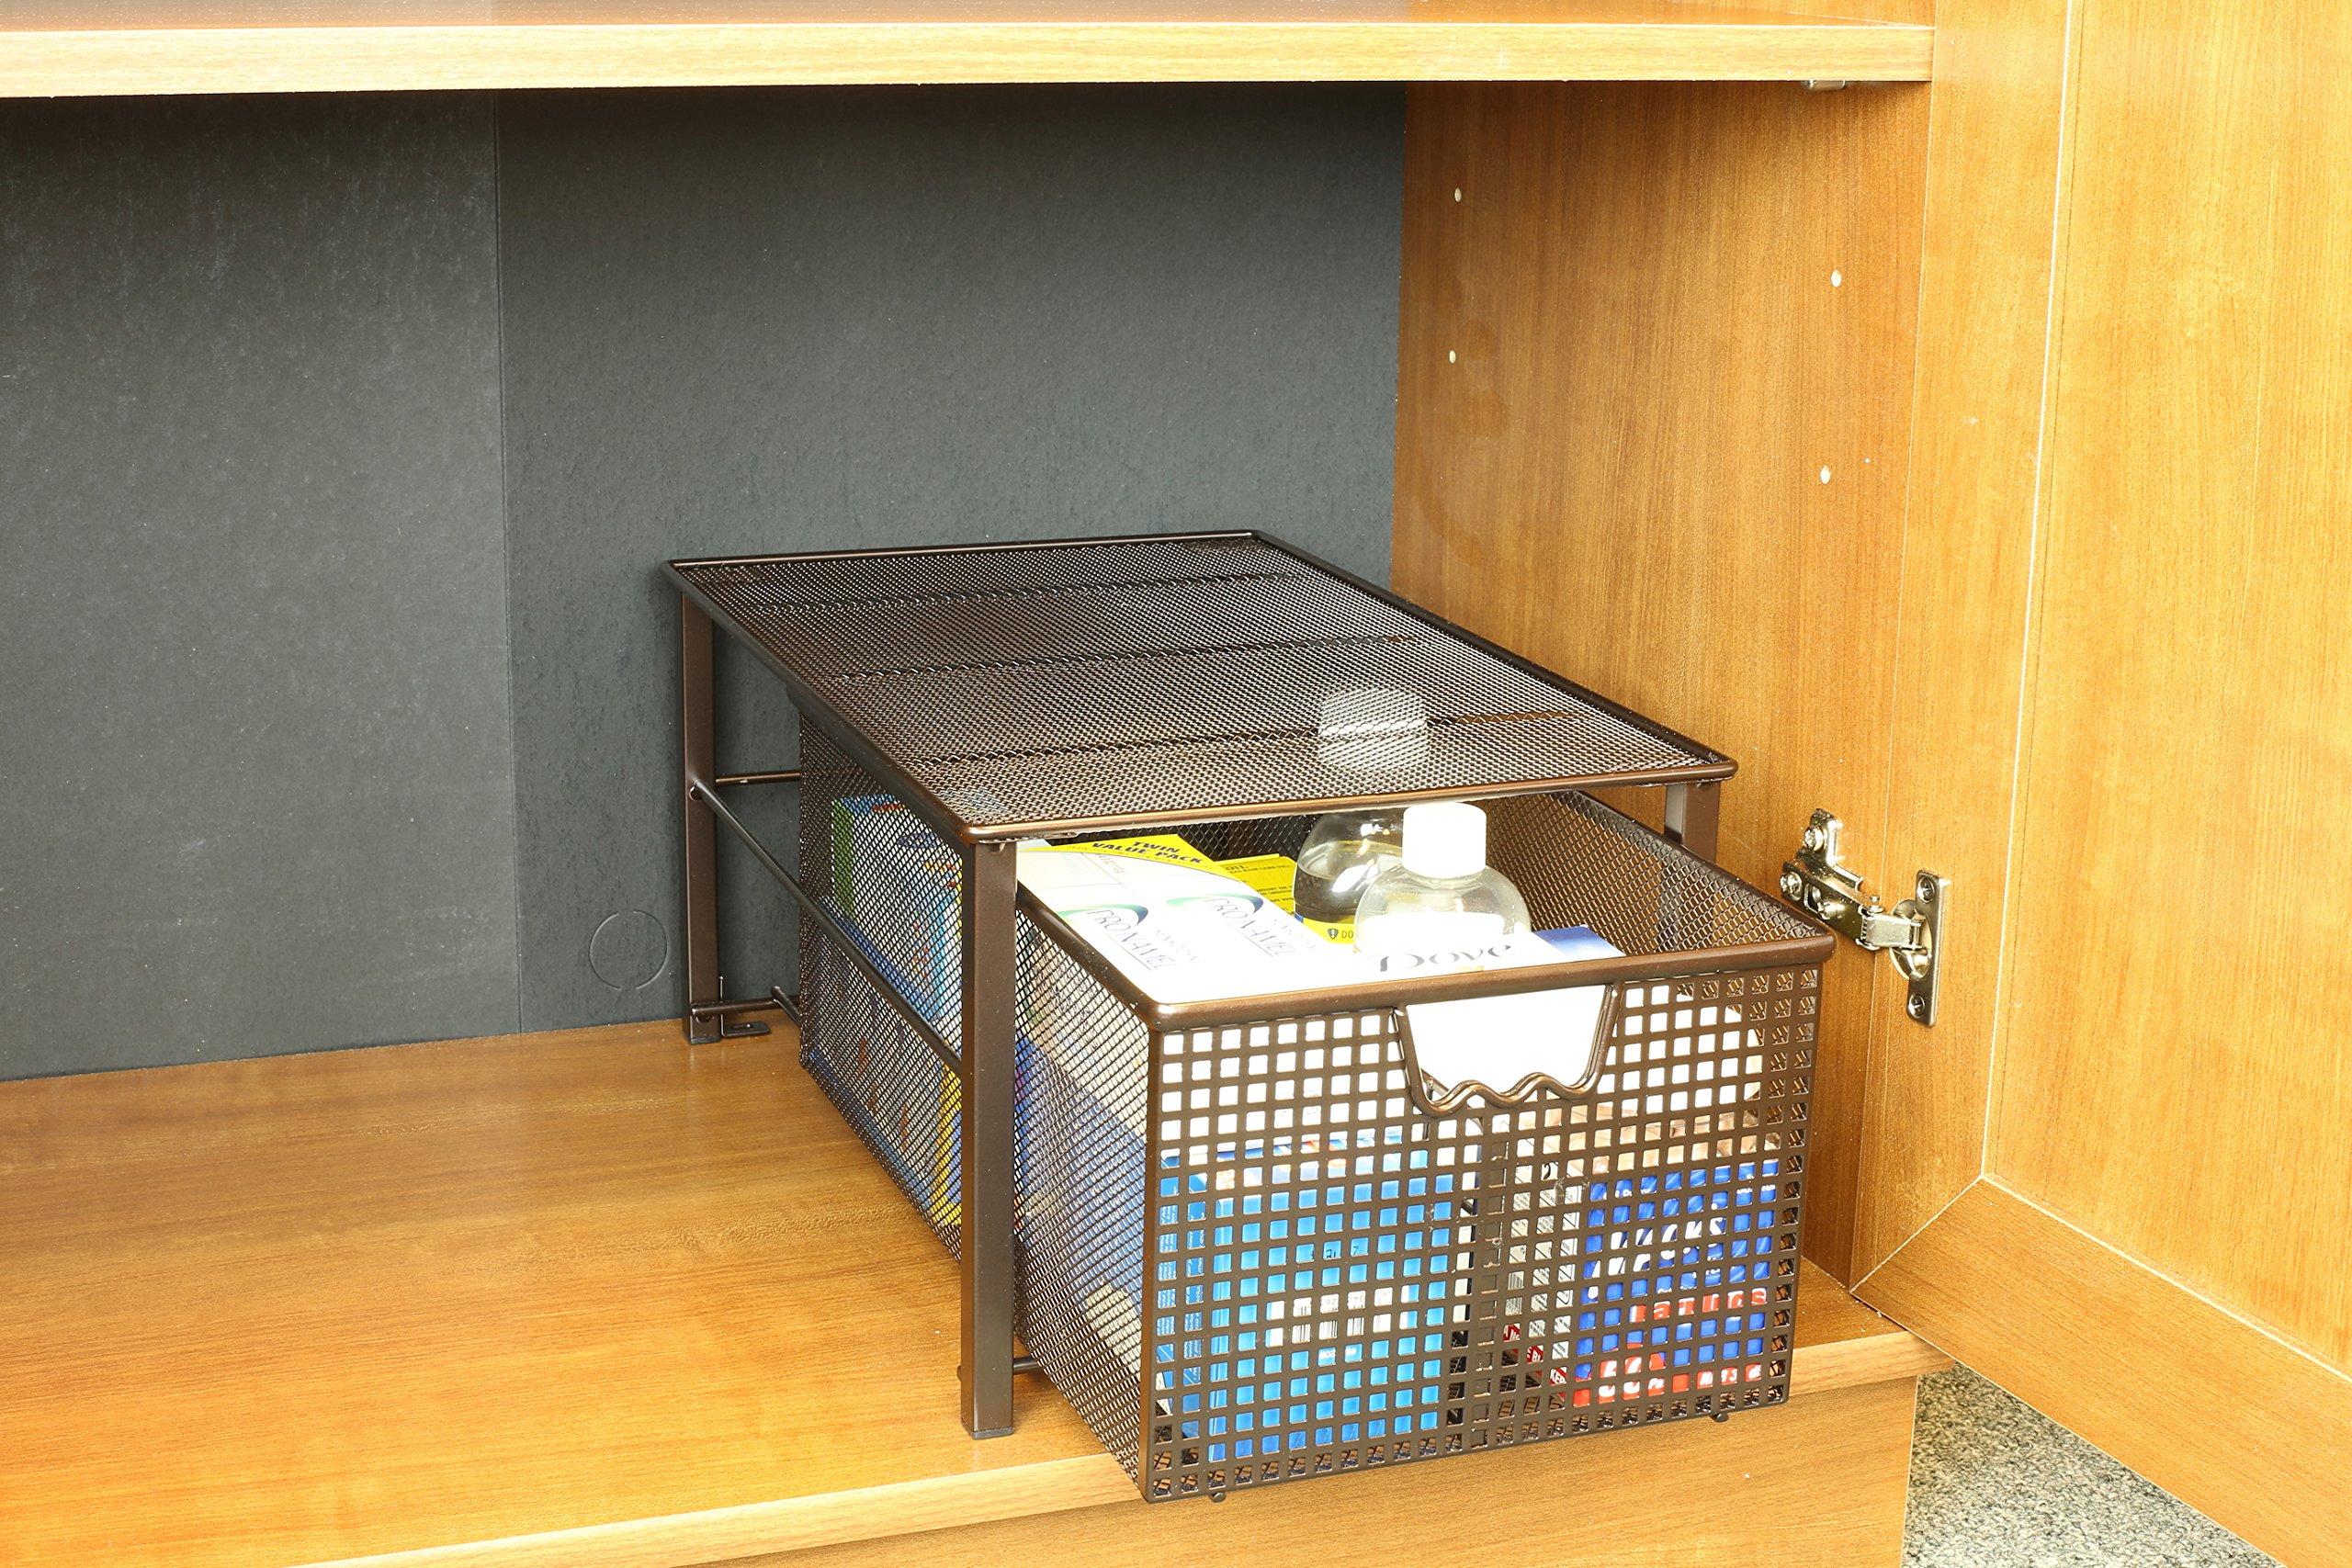 under the sink slide out cabinet organizer drawer kitchen bathroom bronze large ebay. Black Bedroom Furniture Sets. Home Design Ideas